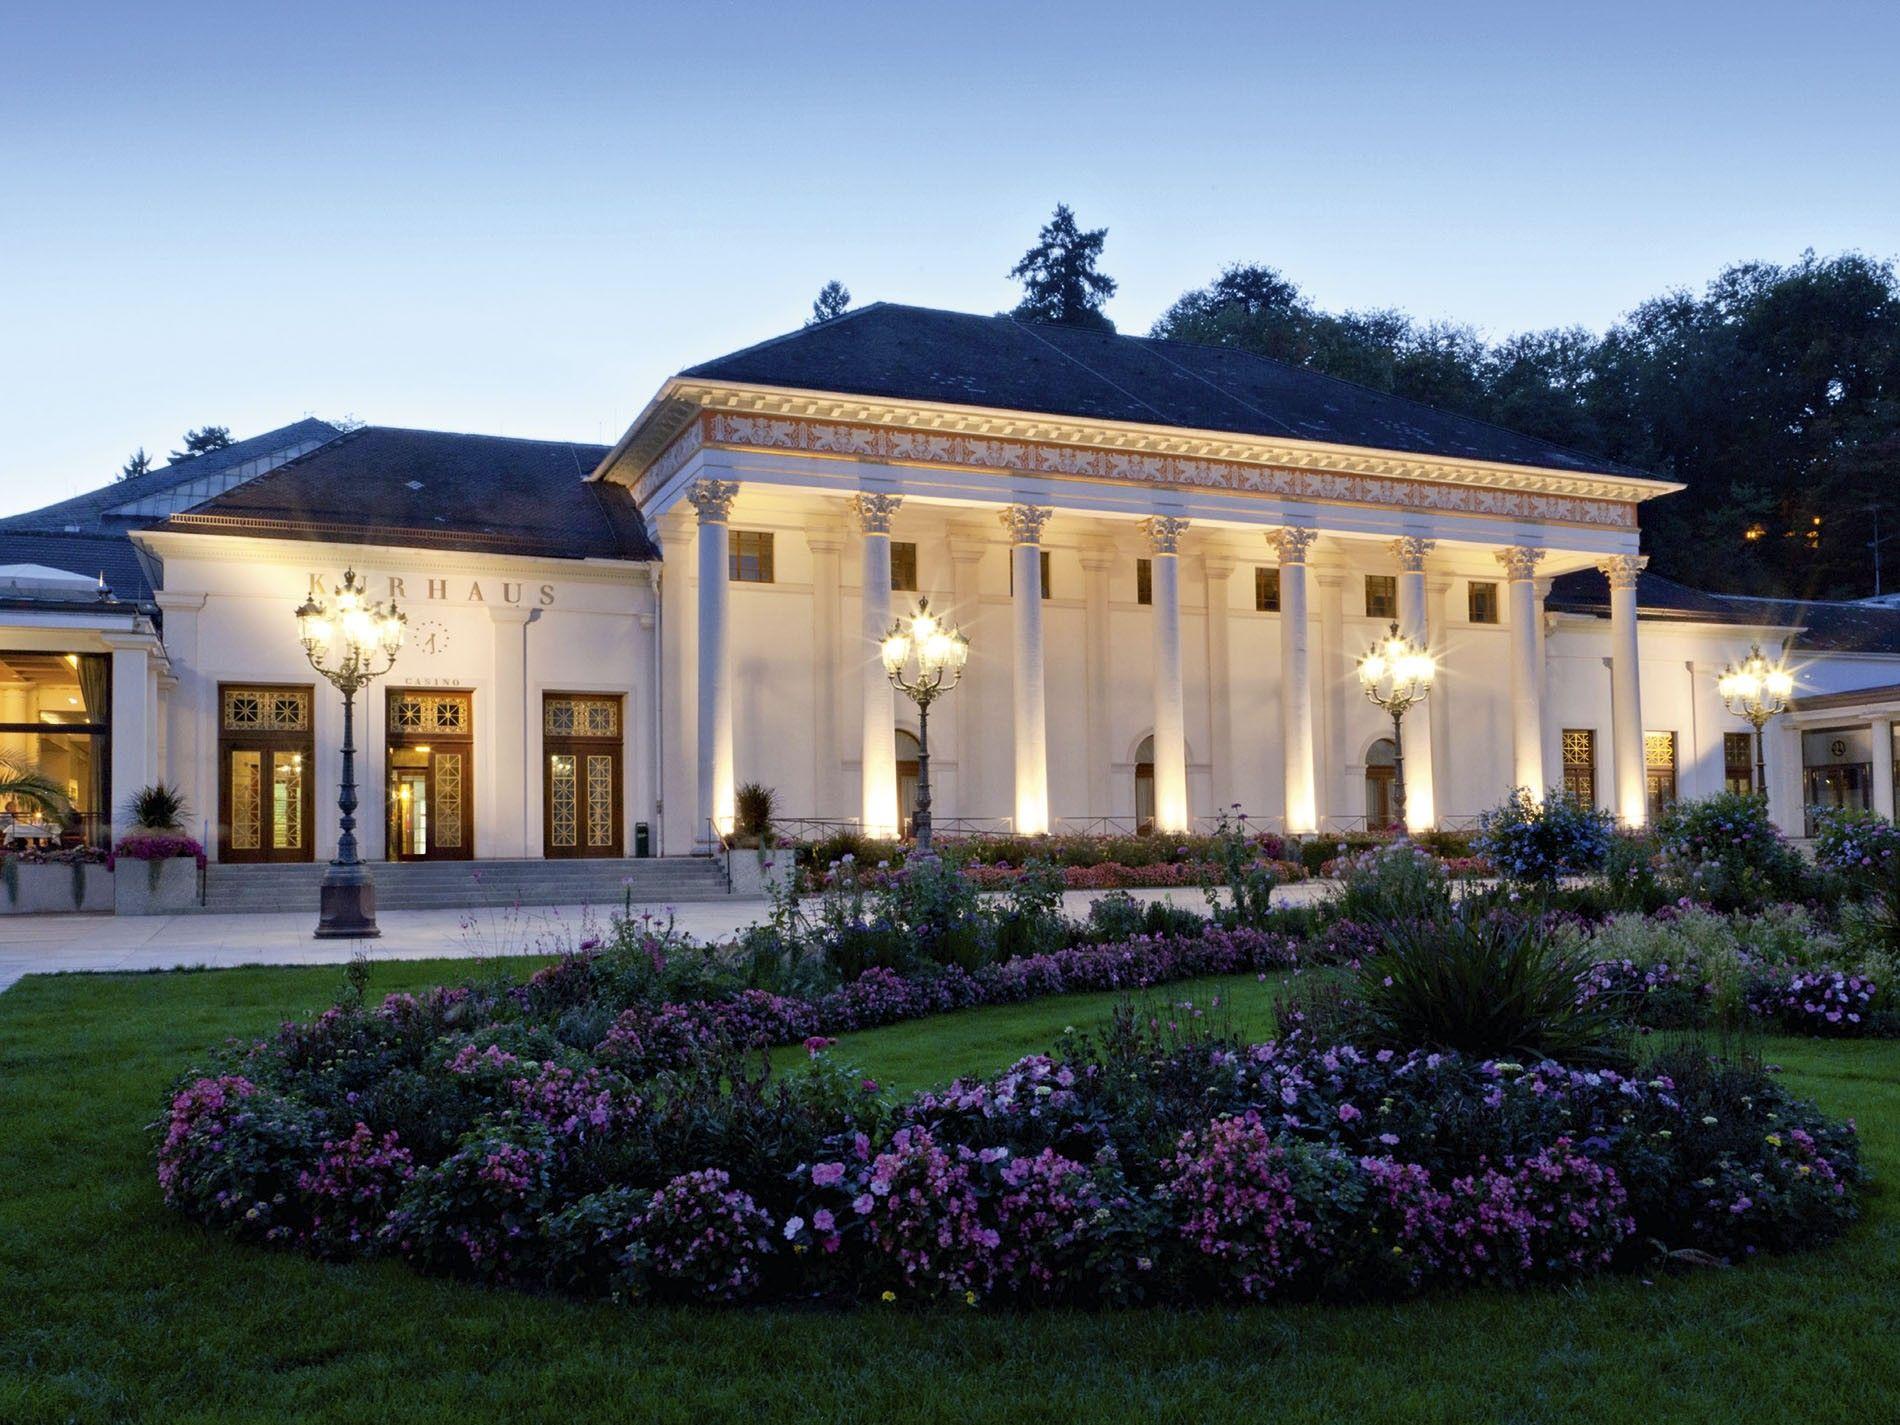 Baden-Baden spa town.